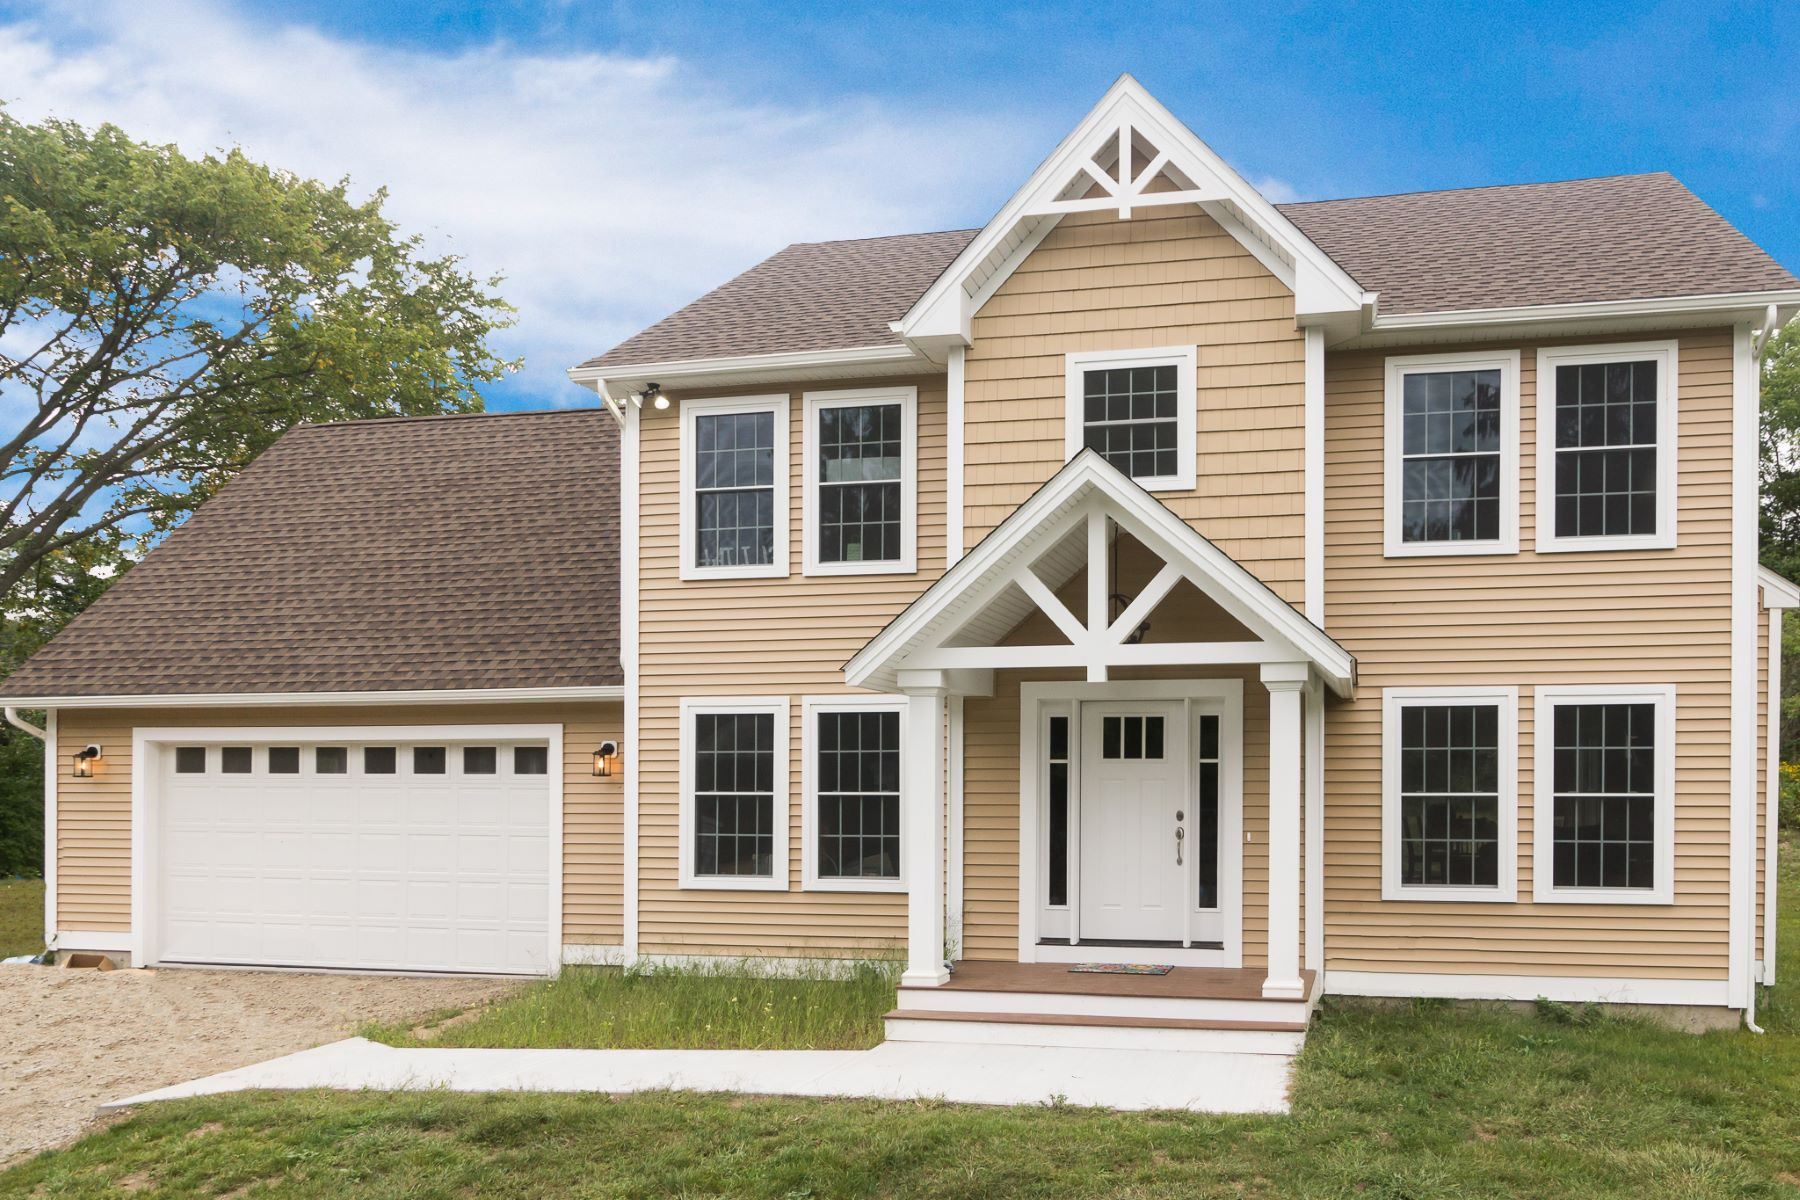 واحد منزل الأسرة للـ Sale في New Construction 221 Newent Road, Lisbon, Connecticut, 06351 United States